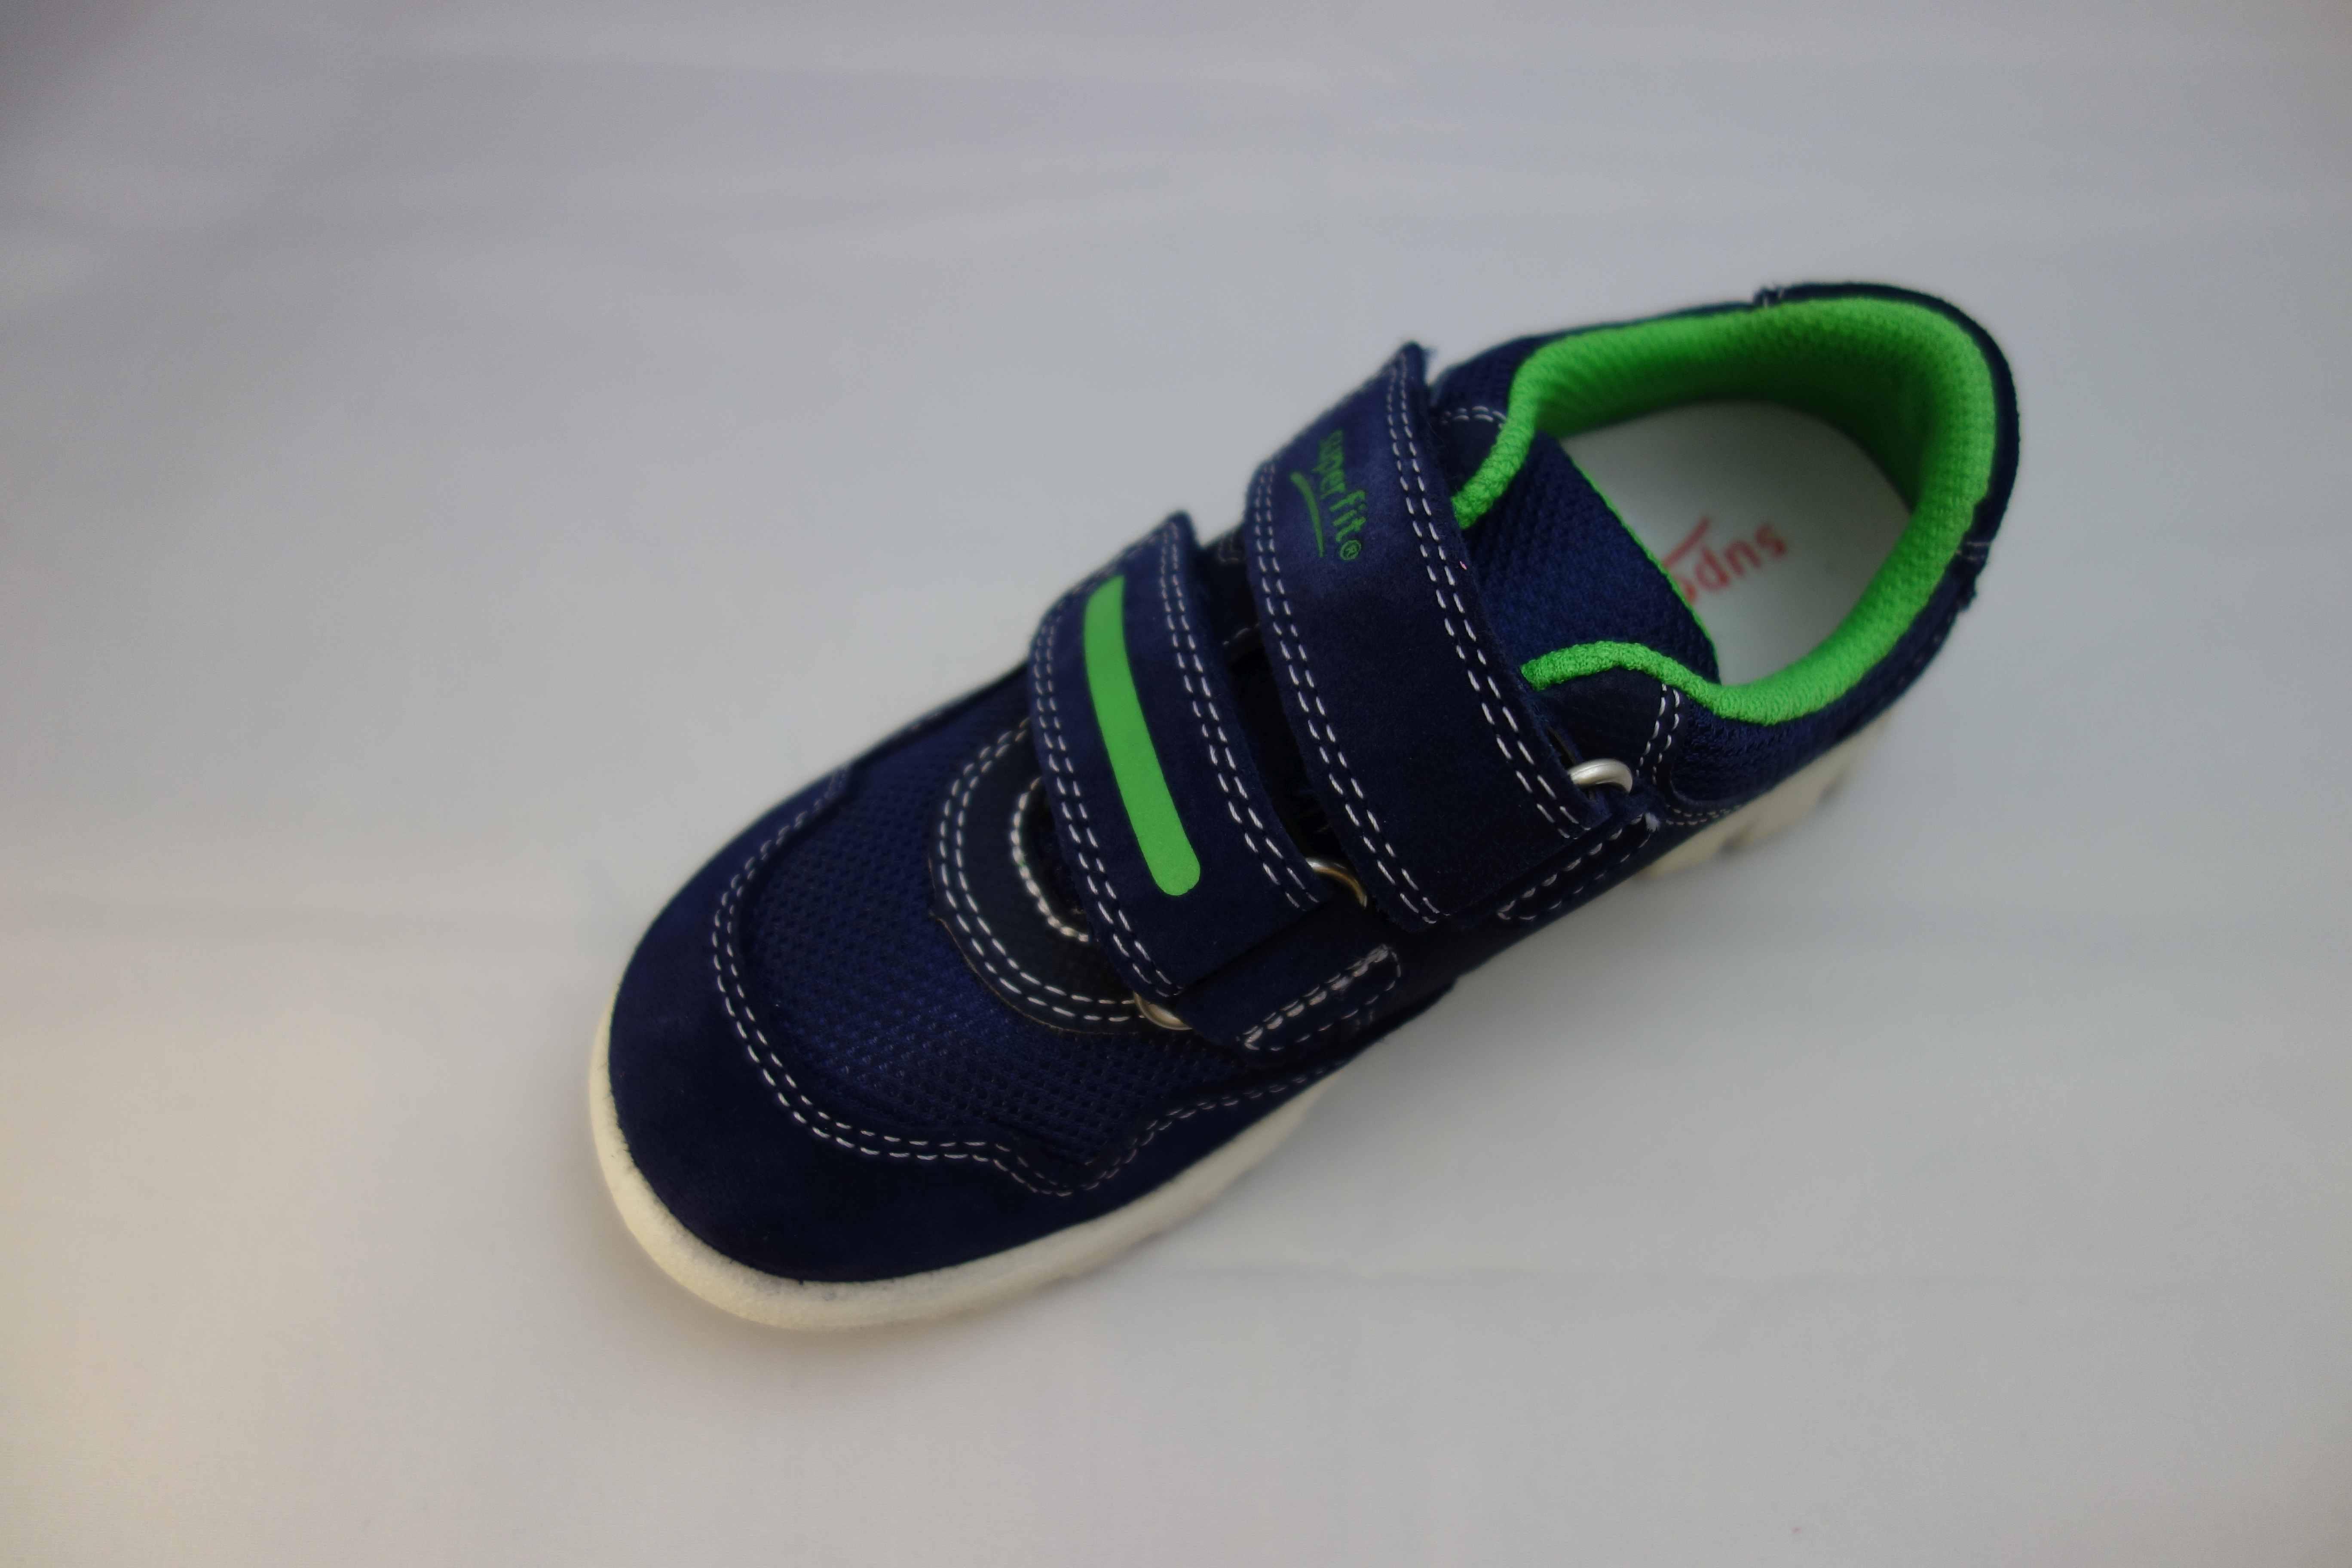 Kompletní specifikace · Ke stažení · Související zboží. dětská bota na  suchý zip značky superfit. 9633151818